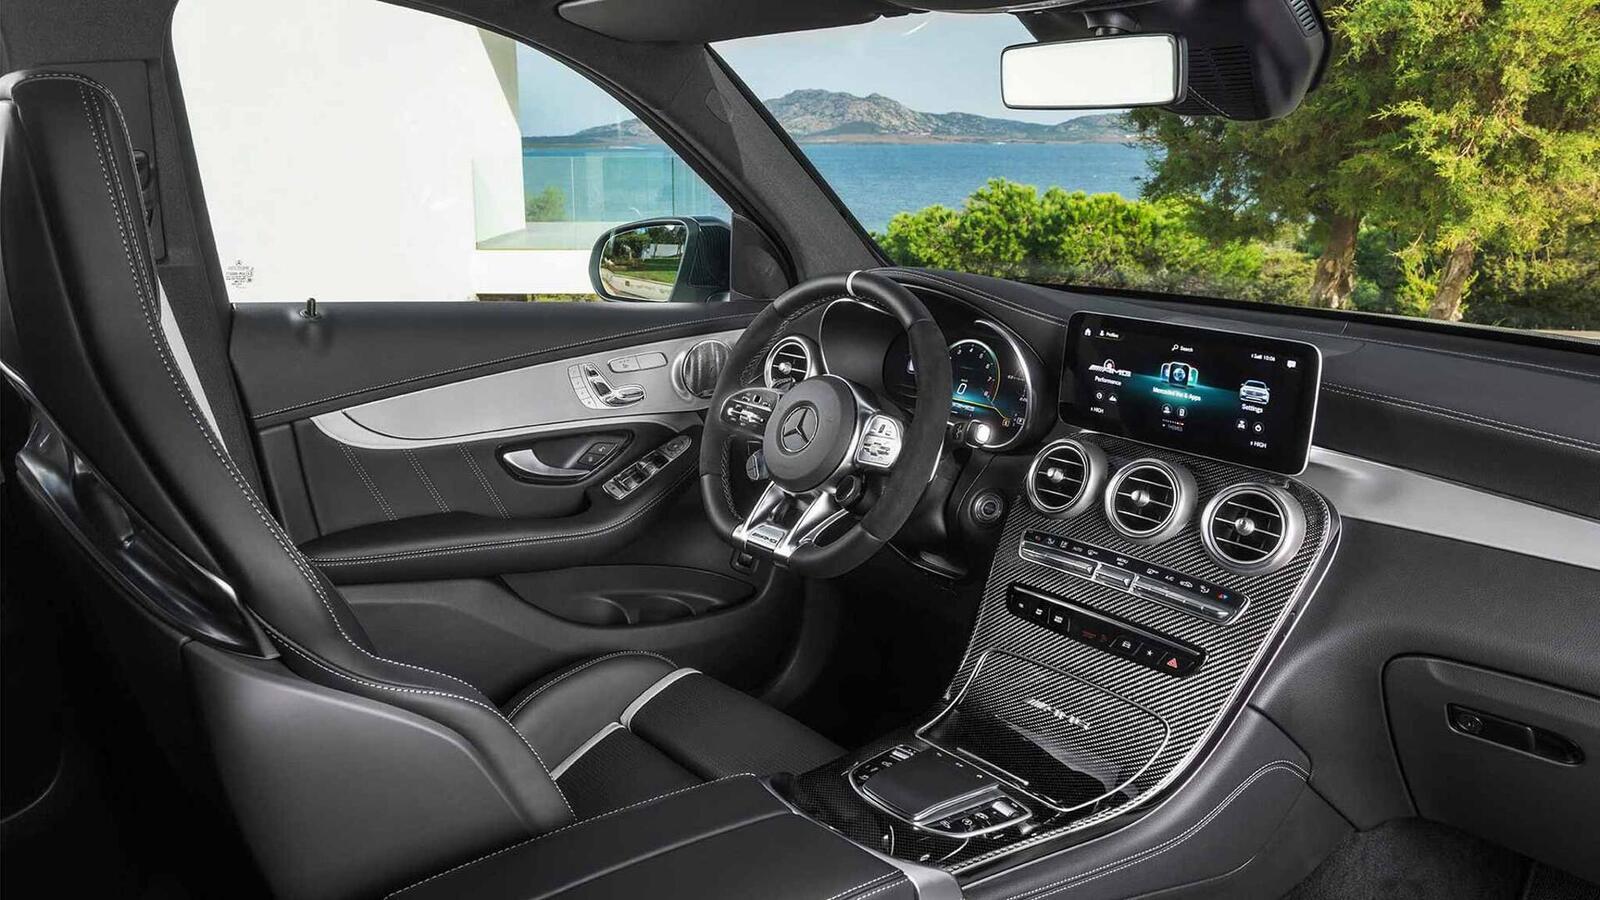 Mercedes-AMG giới thiệu GLC và GLC Coupe 63 mới lắp động cơ V8 4.0L Biturbo mạnh hơn 460 mã lực - Hình 18